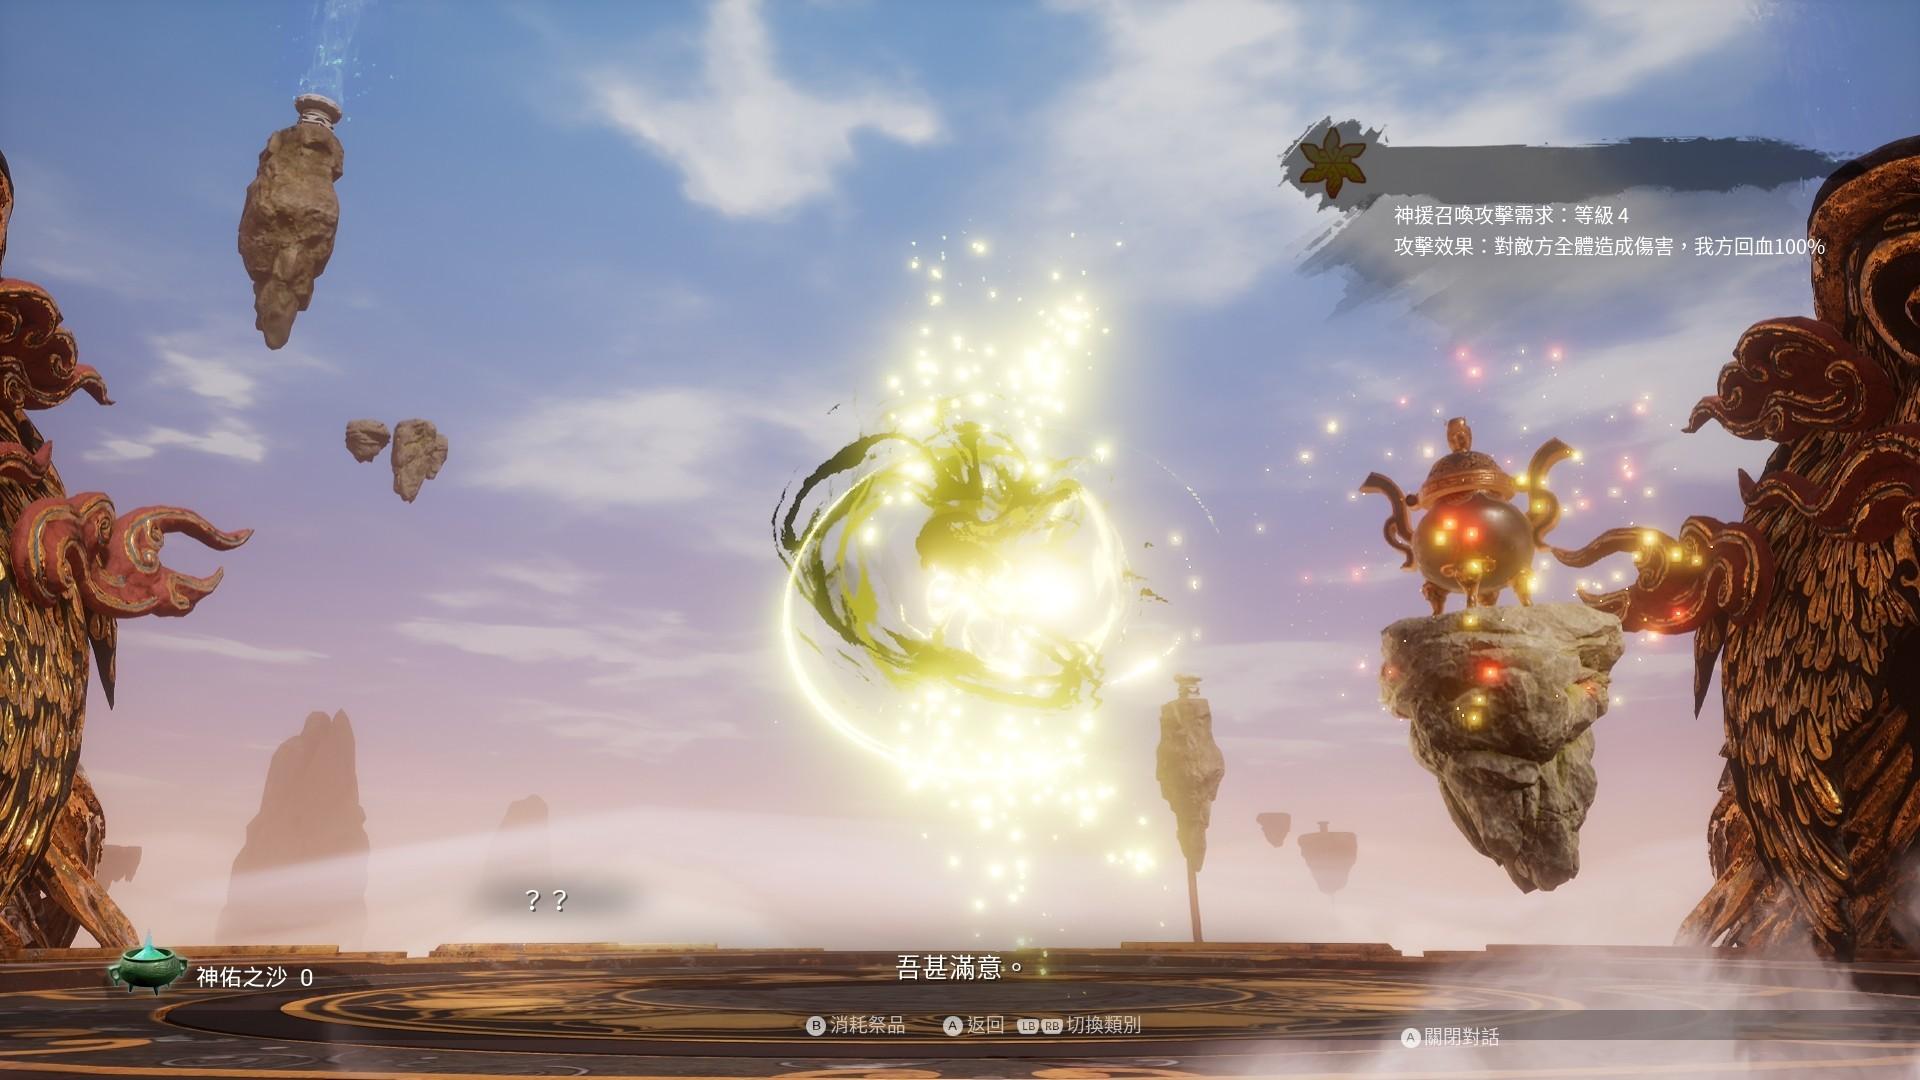 游戏《神舞幻想》带你在人神共舞的梦幻世界中游历一次 (5)